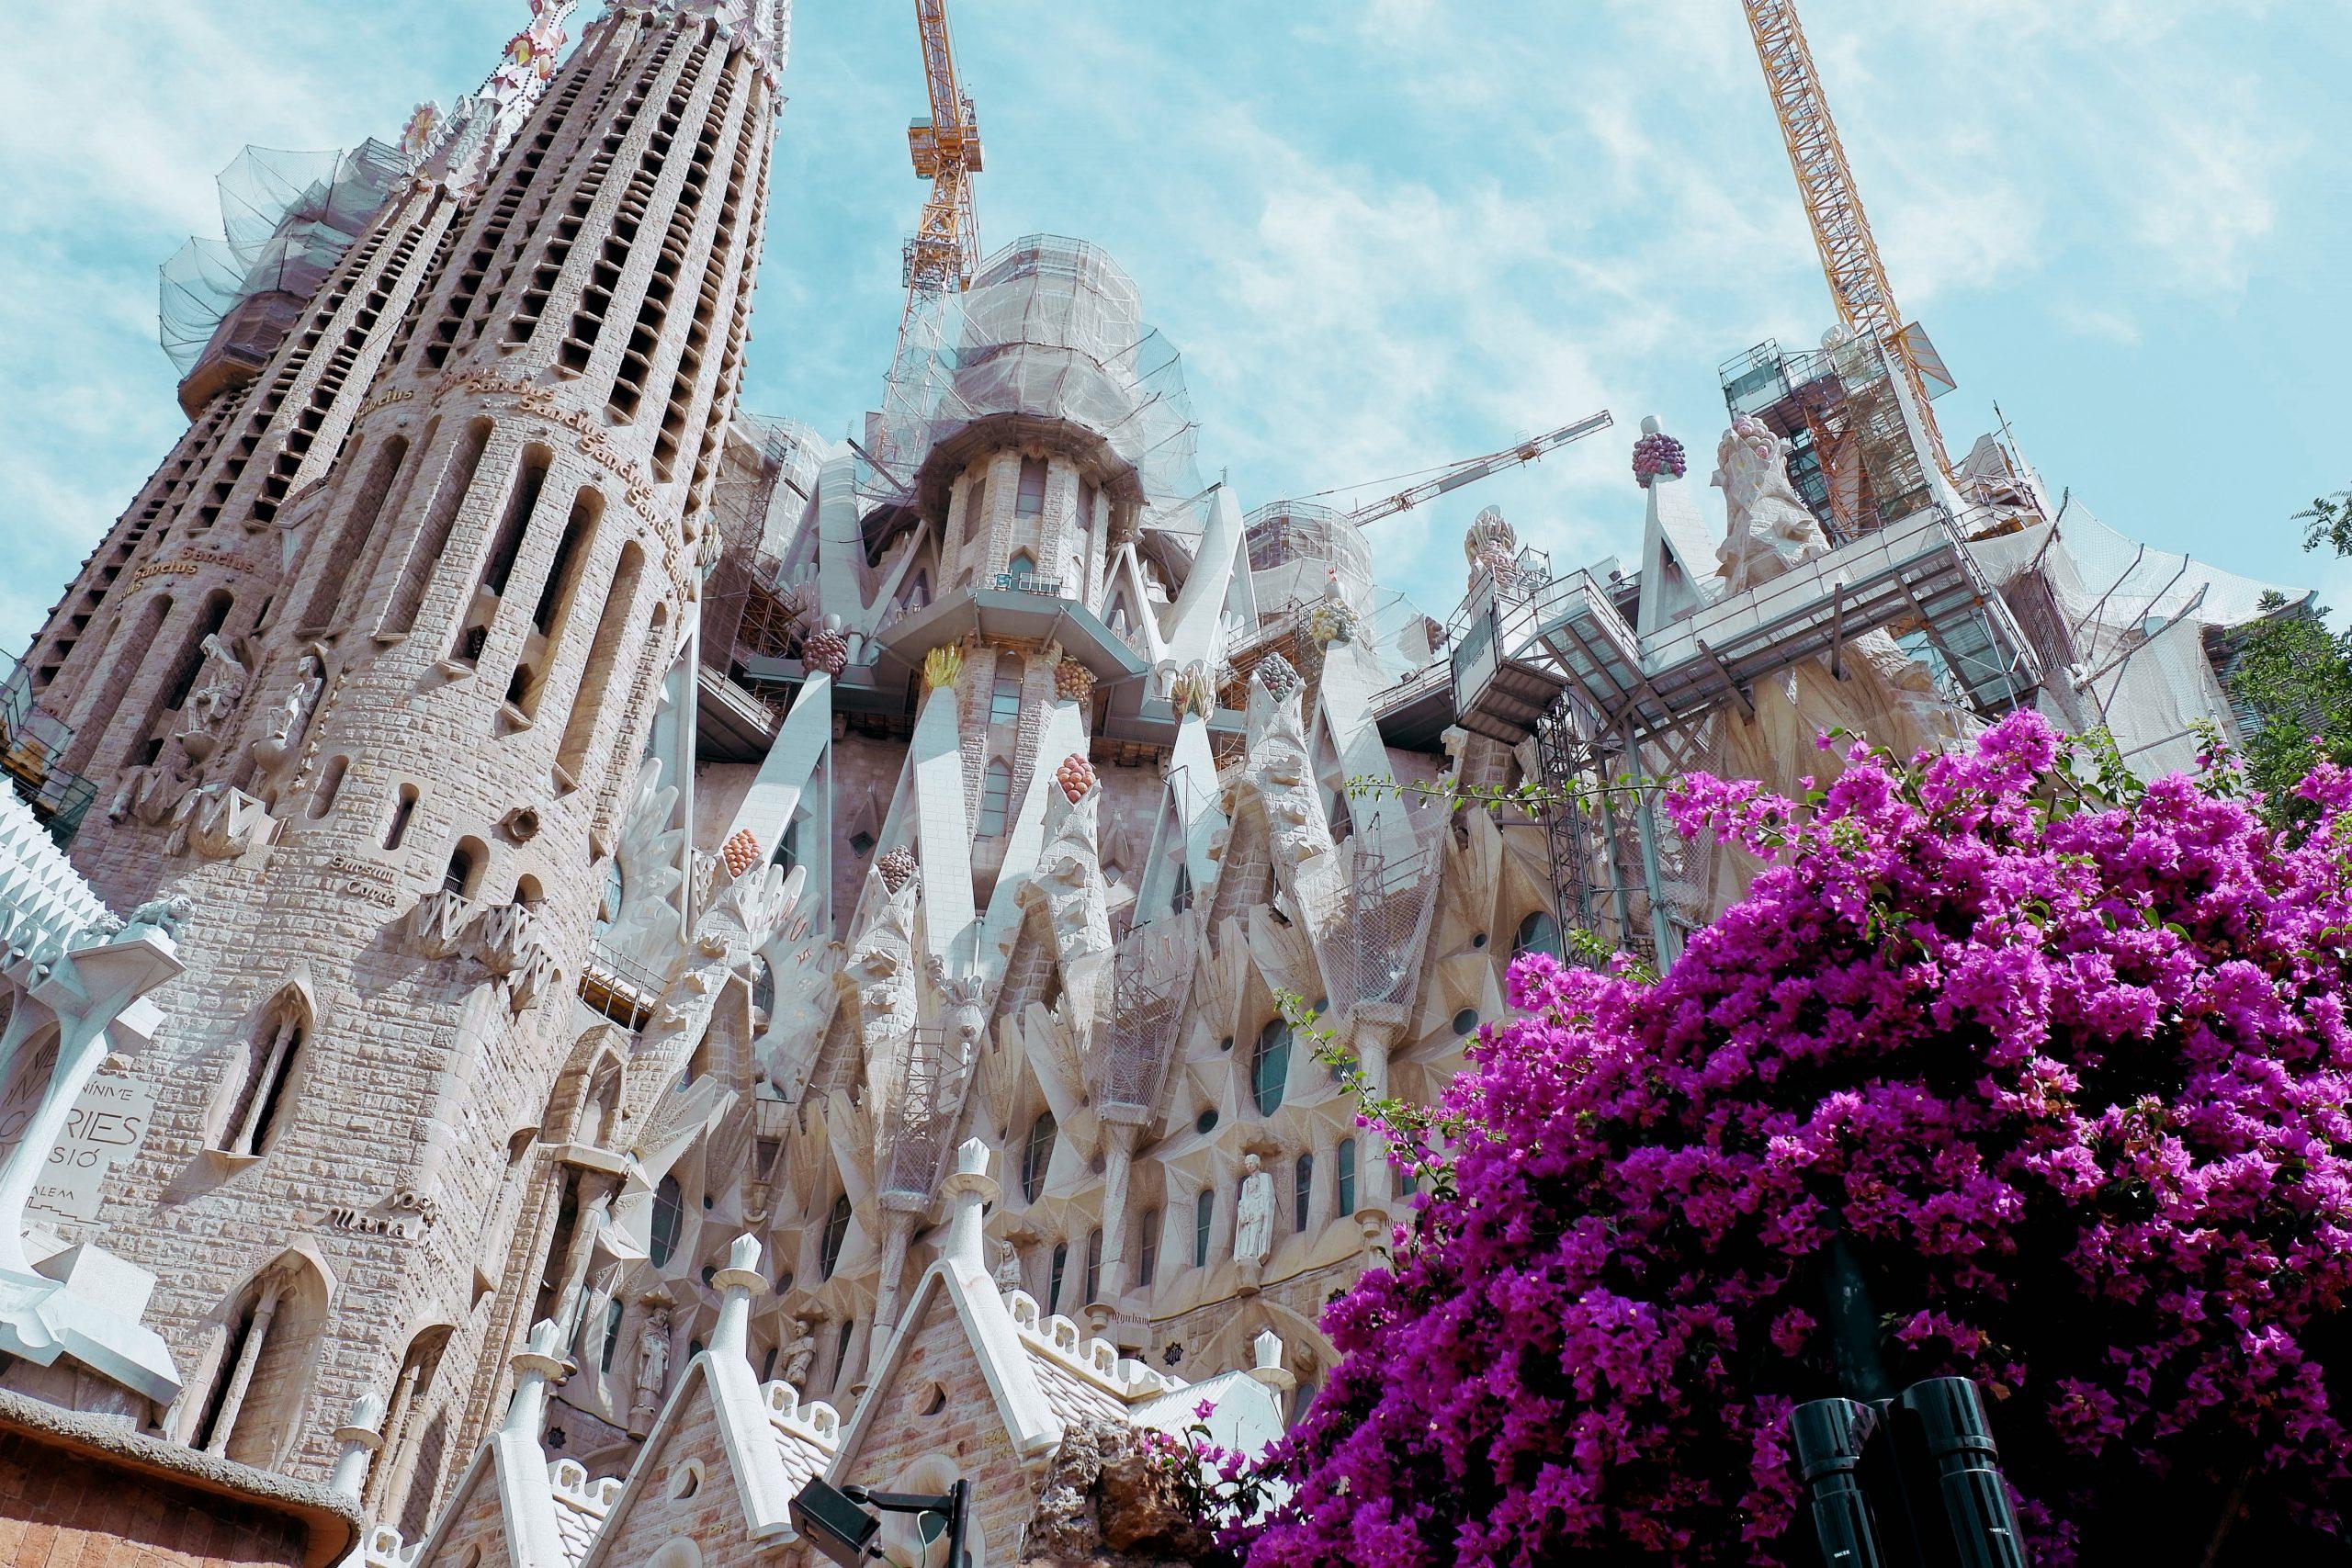 Visita virtual Sagrada Familia